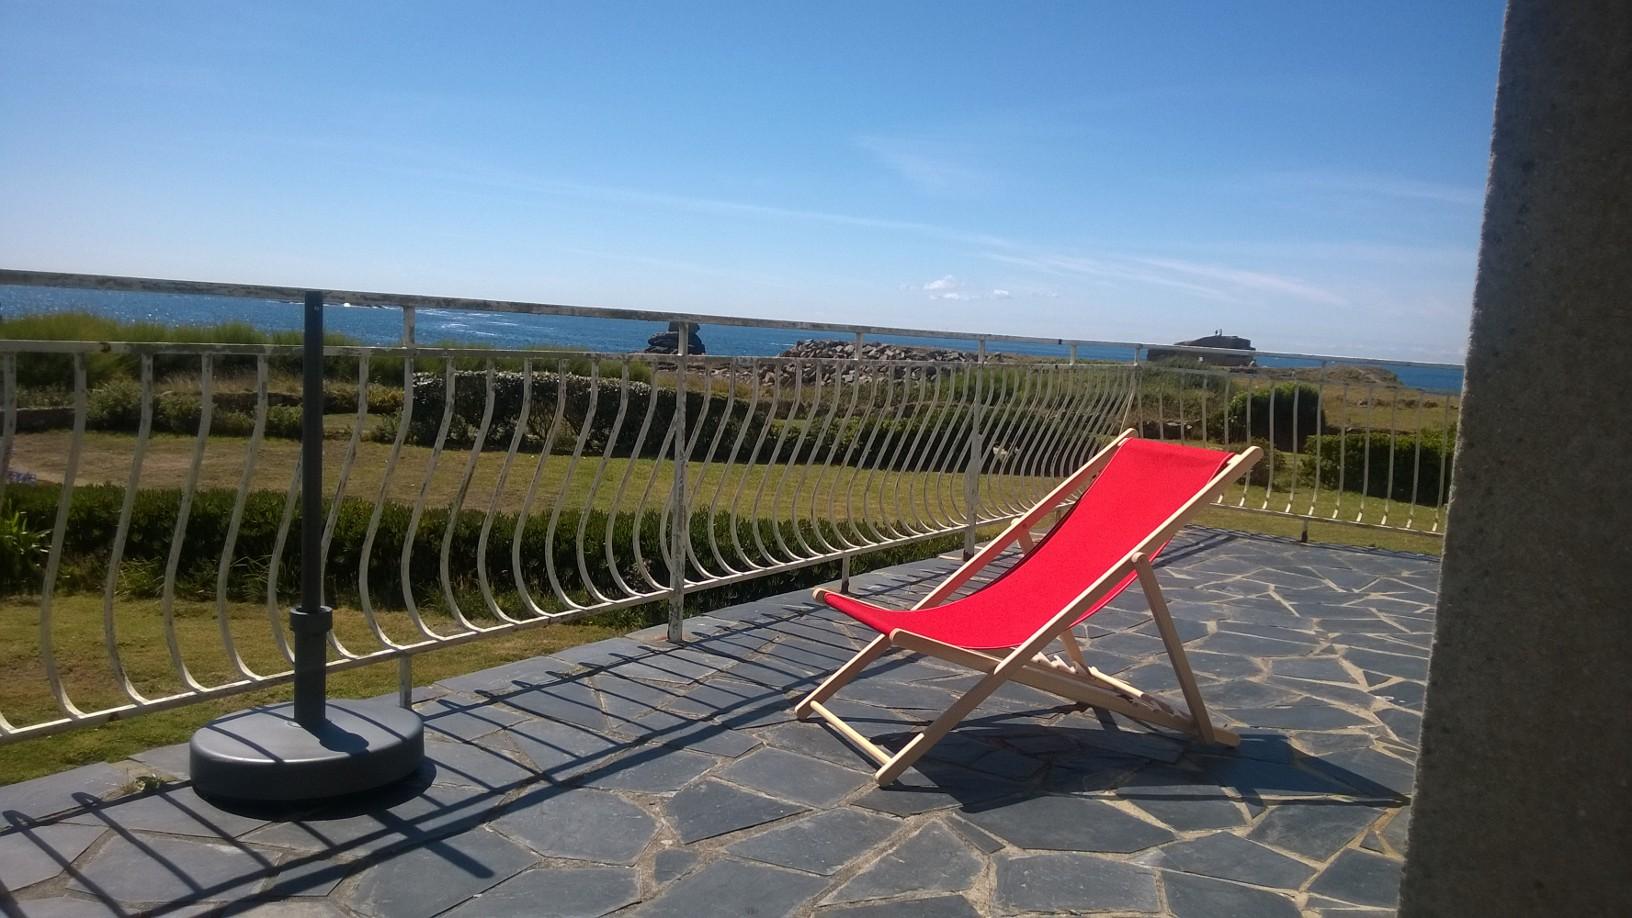 a louer maison de vacances familiales les pieds dans l 39 eau avec vue panoramique sur la mer. Black Bedroom Furniture Sets. Home Design Ideas